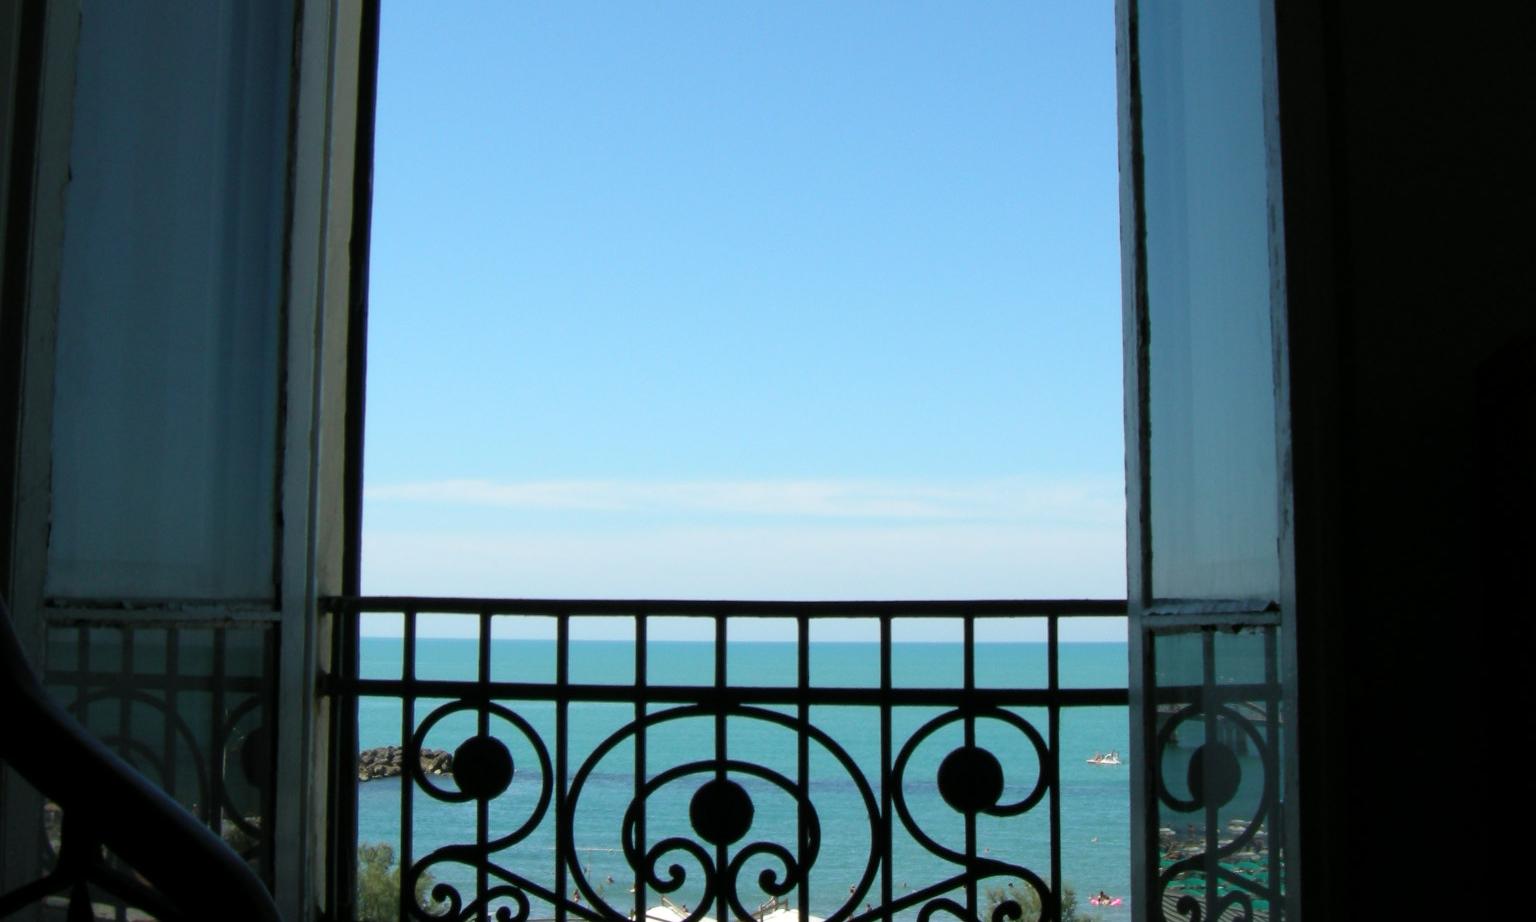 Diaro dall'isolamento: Attraverso quella finestra